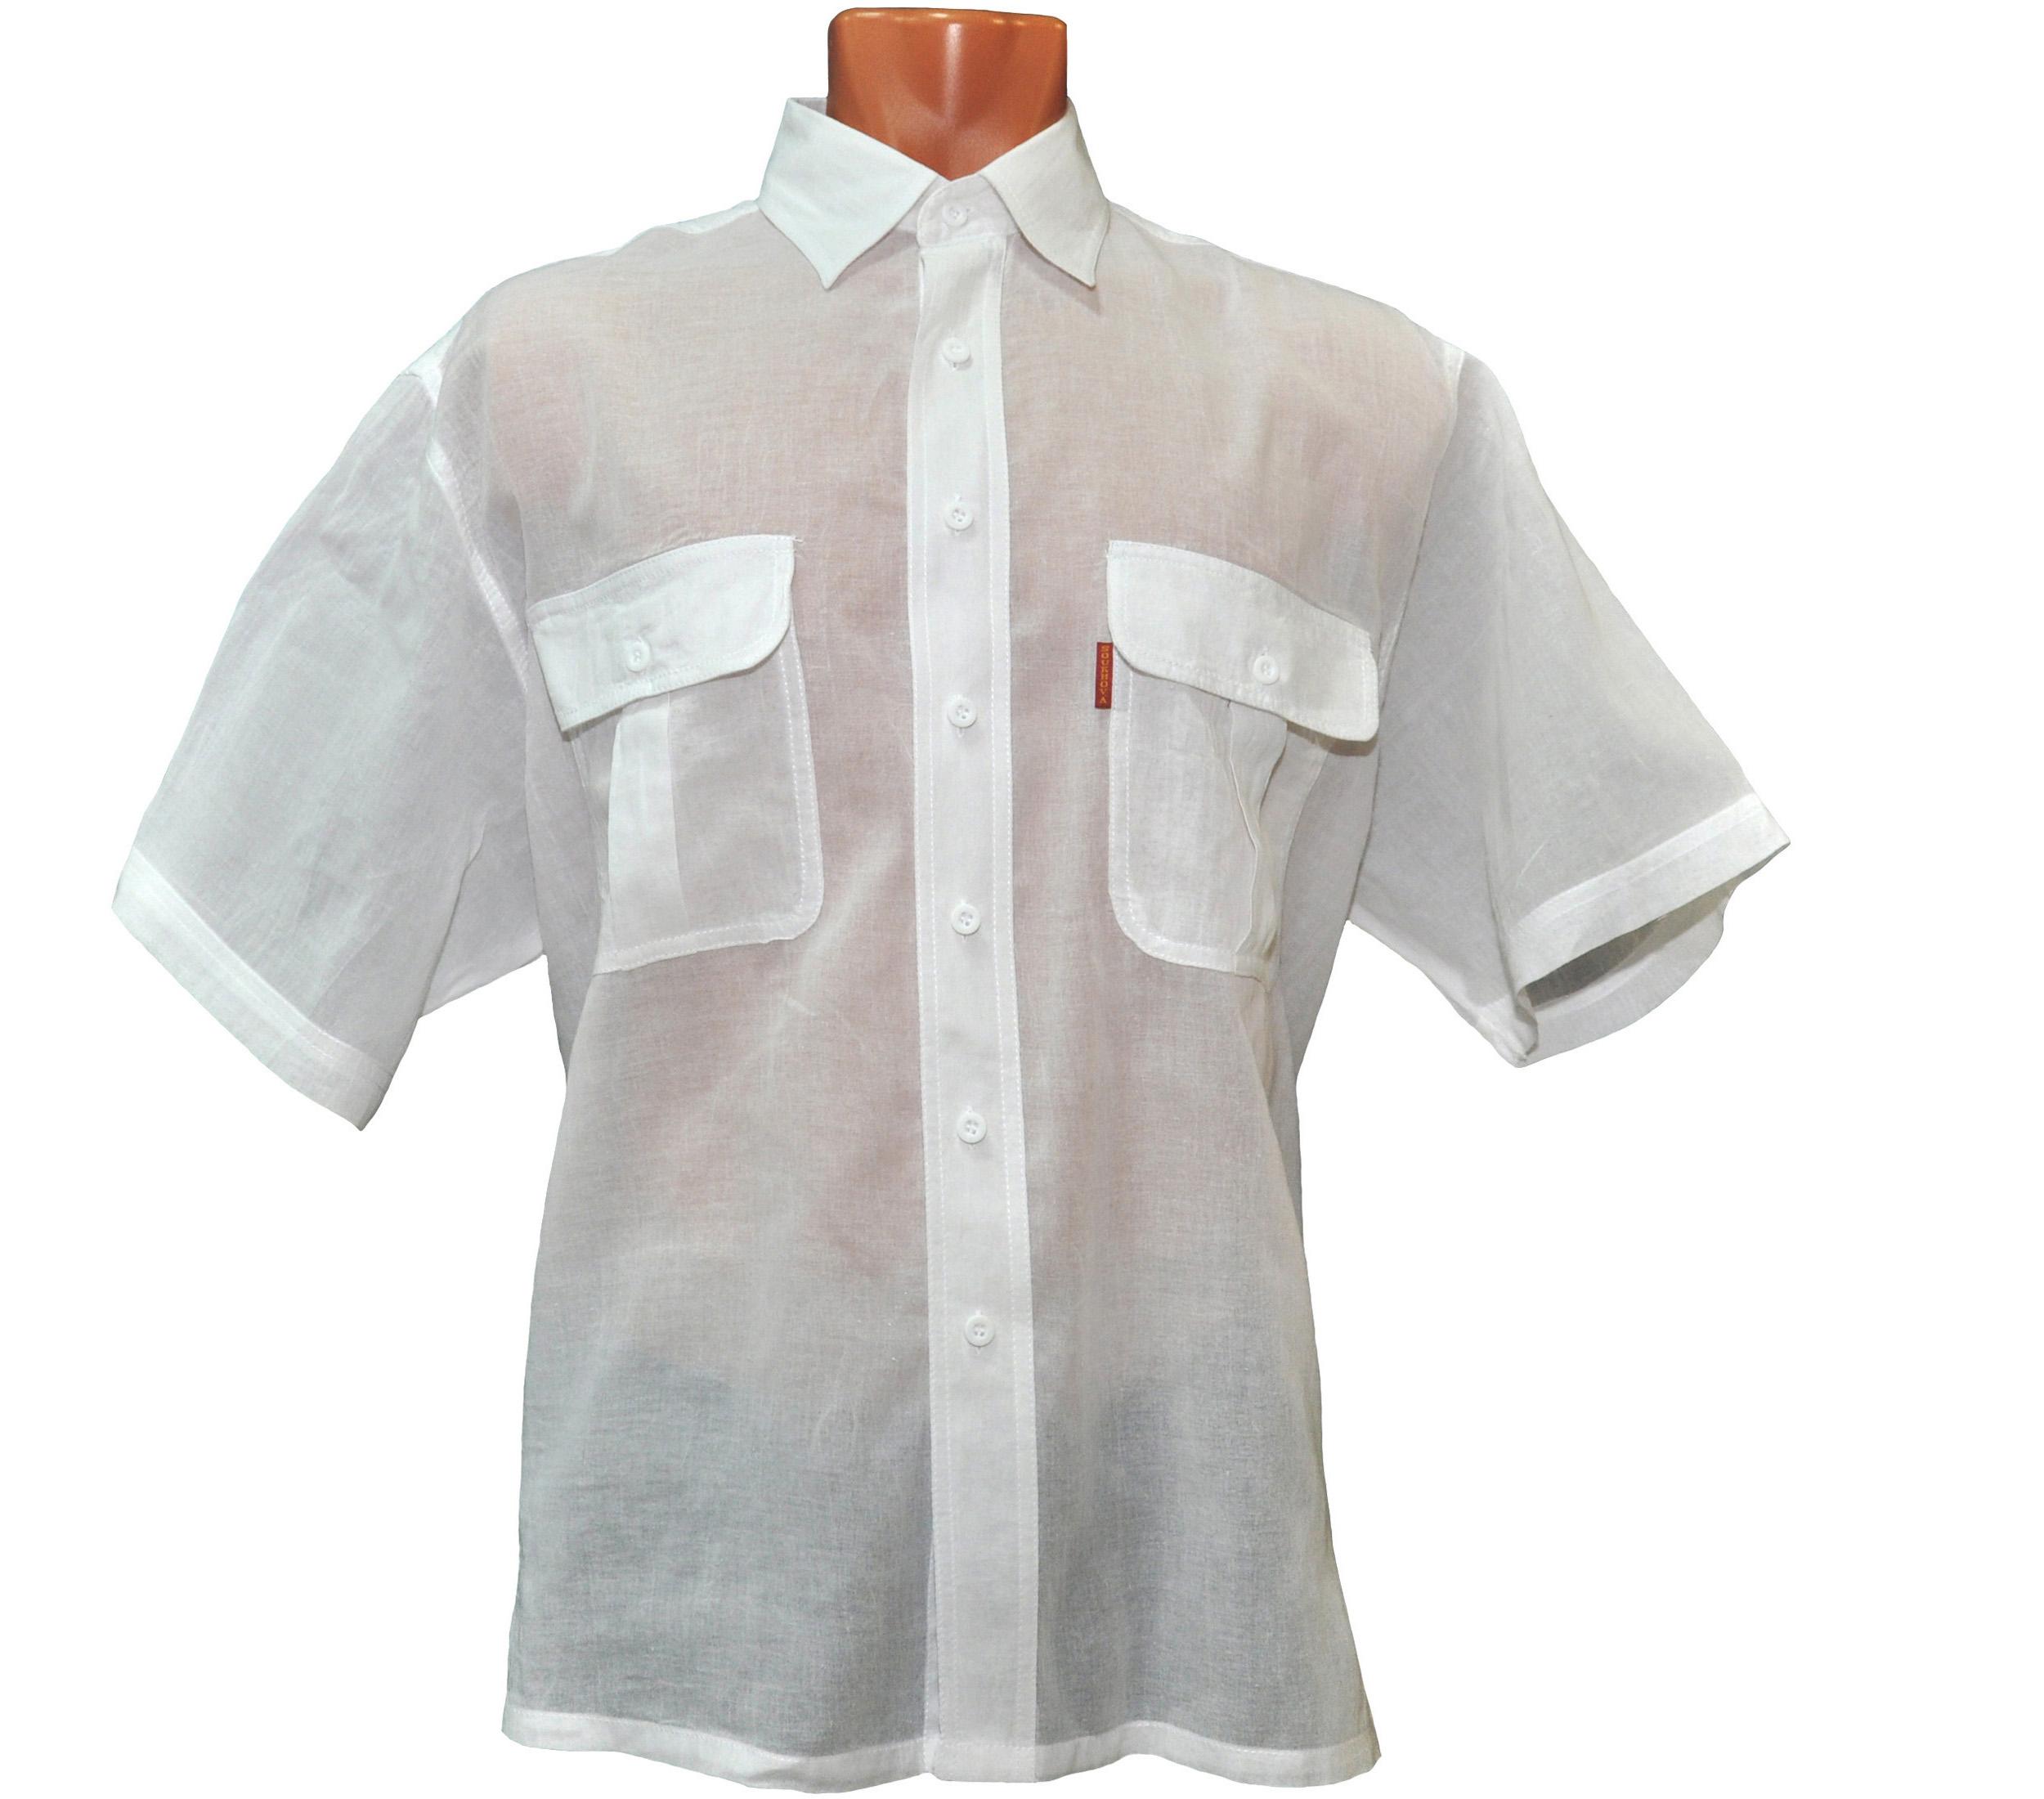 Рубашка с коротким рукавом тонкого белого цвета . Модель очень